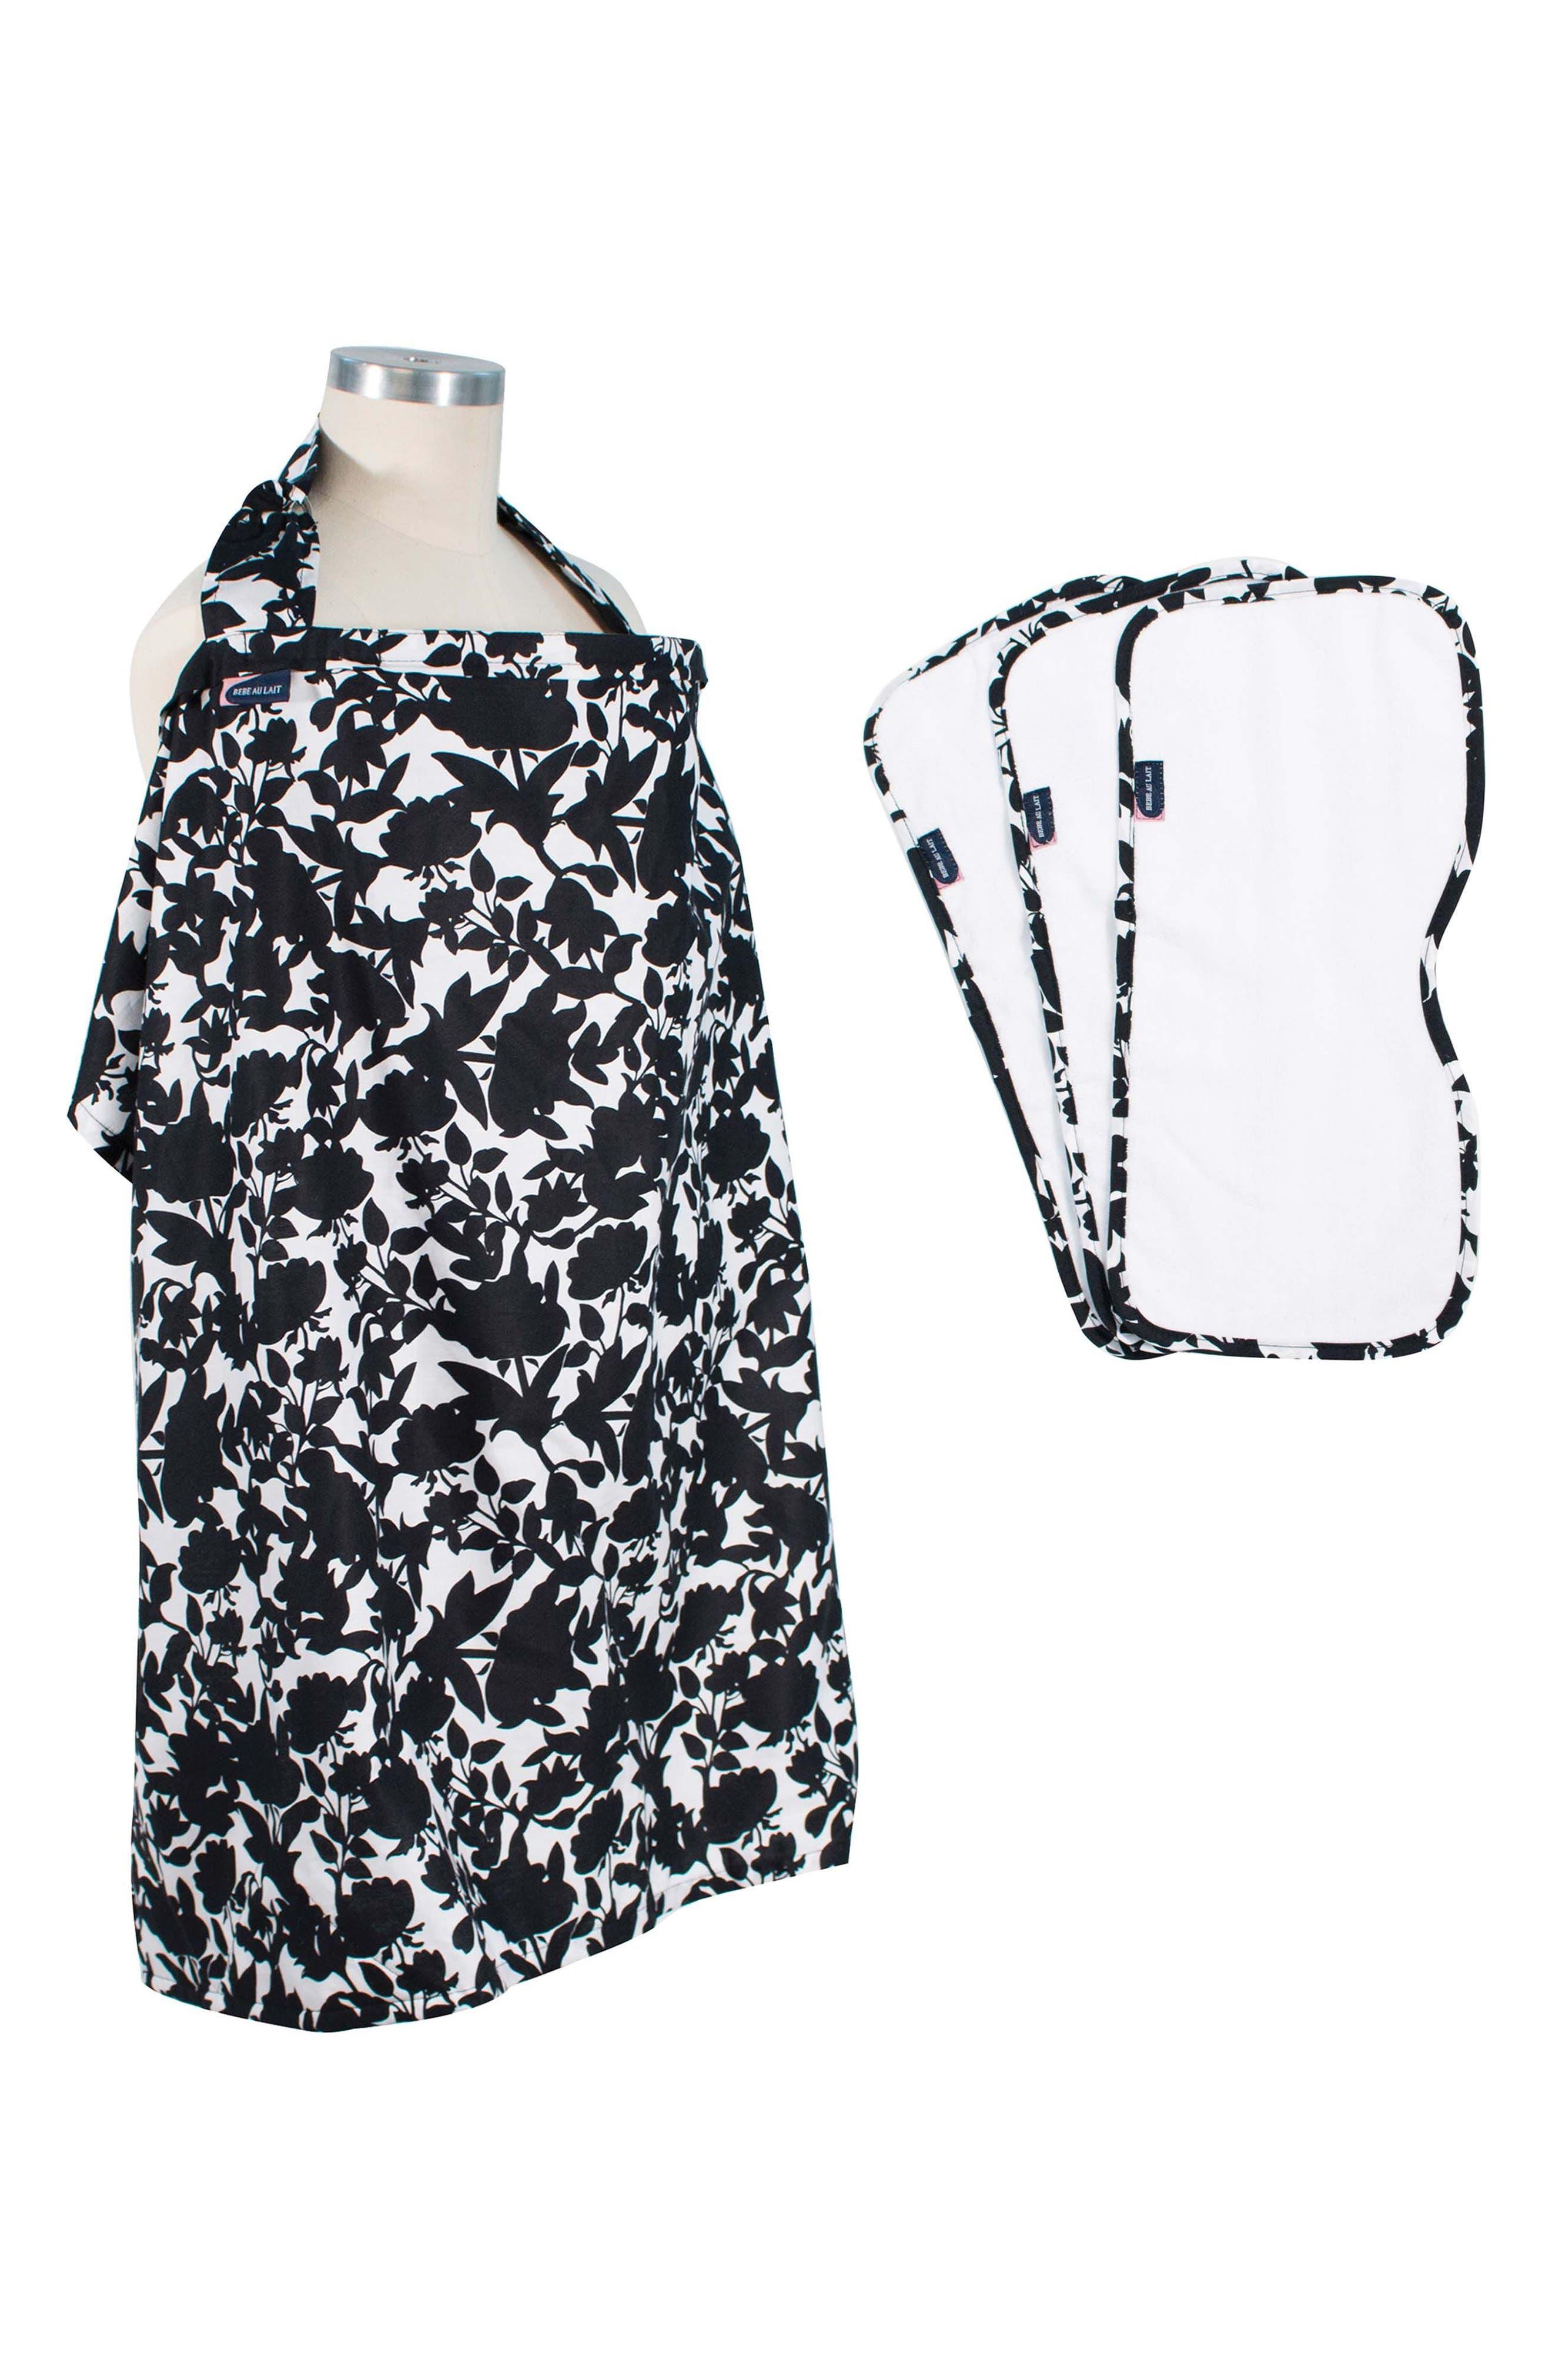 Gingko Print Cover & 3-Pack Burp Cloths,                         Main,                         color, SAKURA